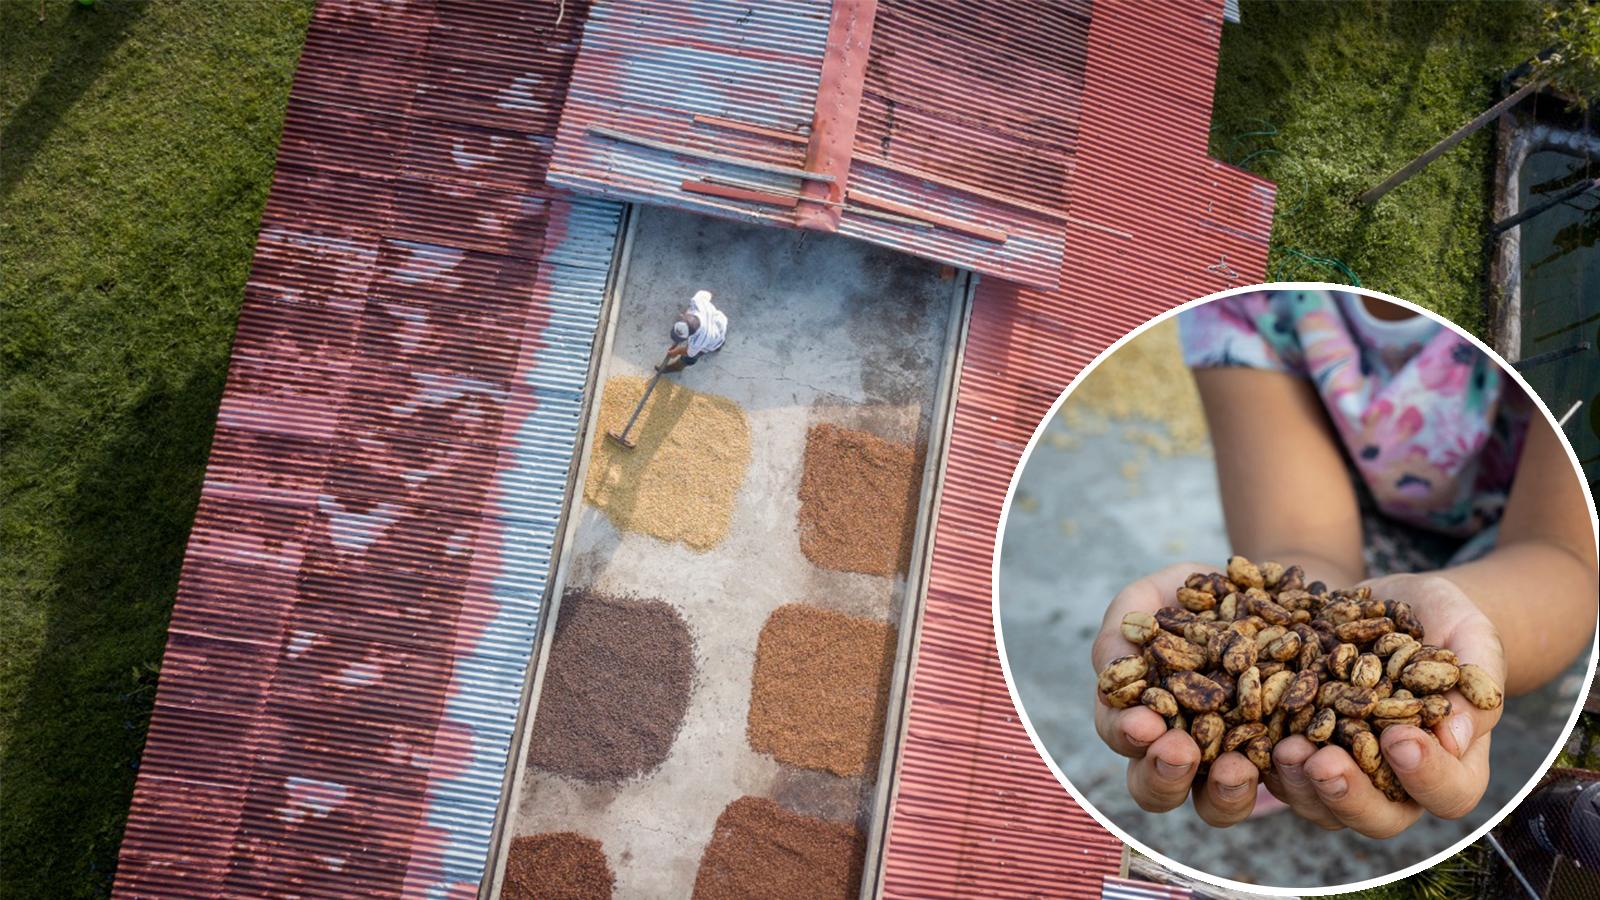 la-hacienda-cafetera-que-produce-el-cafe-mas-exotico-del-mundo